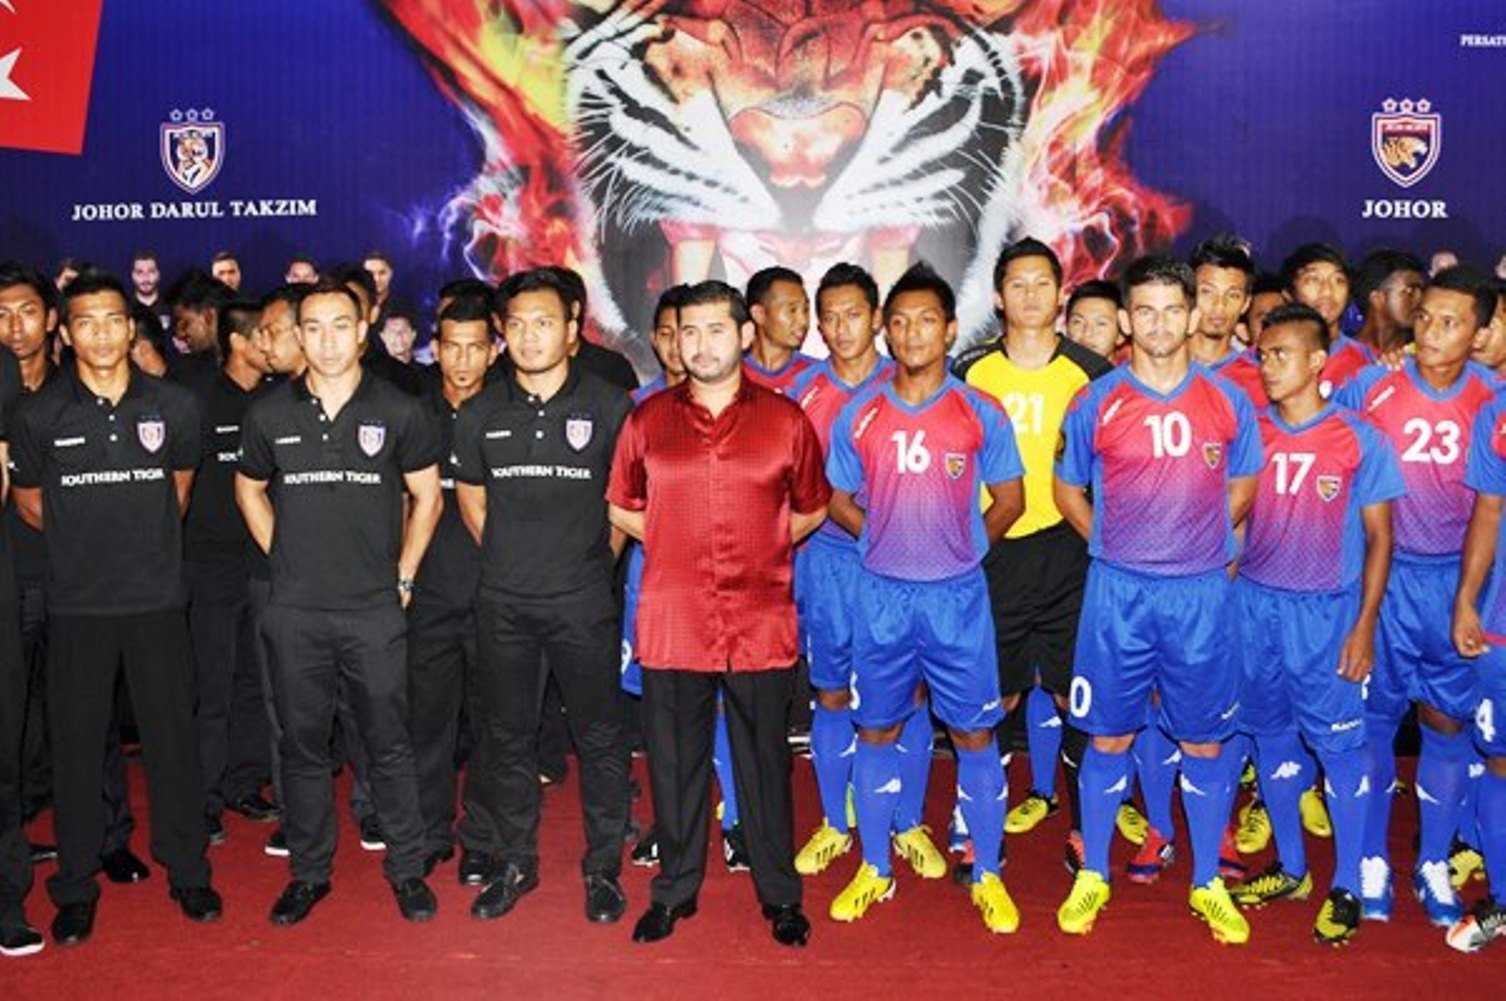 kepada keputusan pengurusan Persatuan Bola sepak Negeri Johor (PBNJ